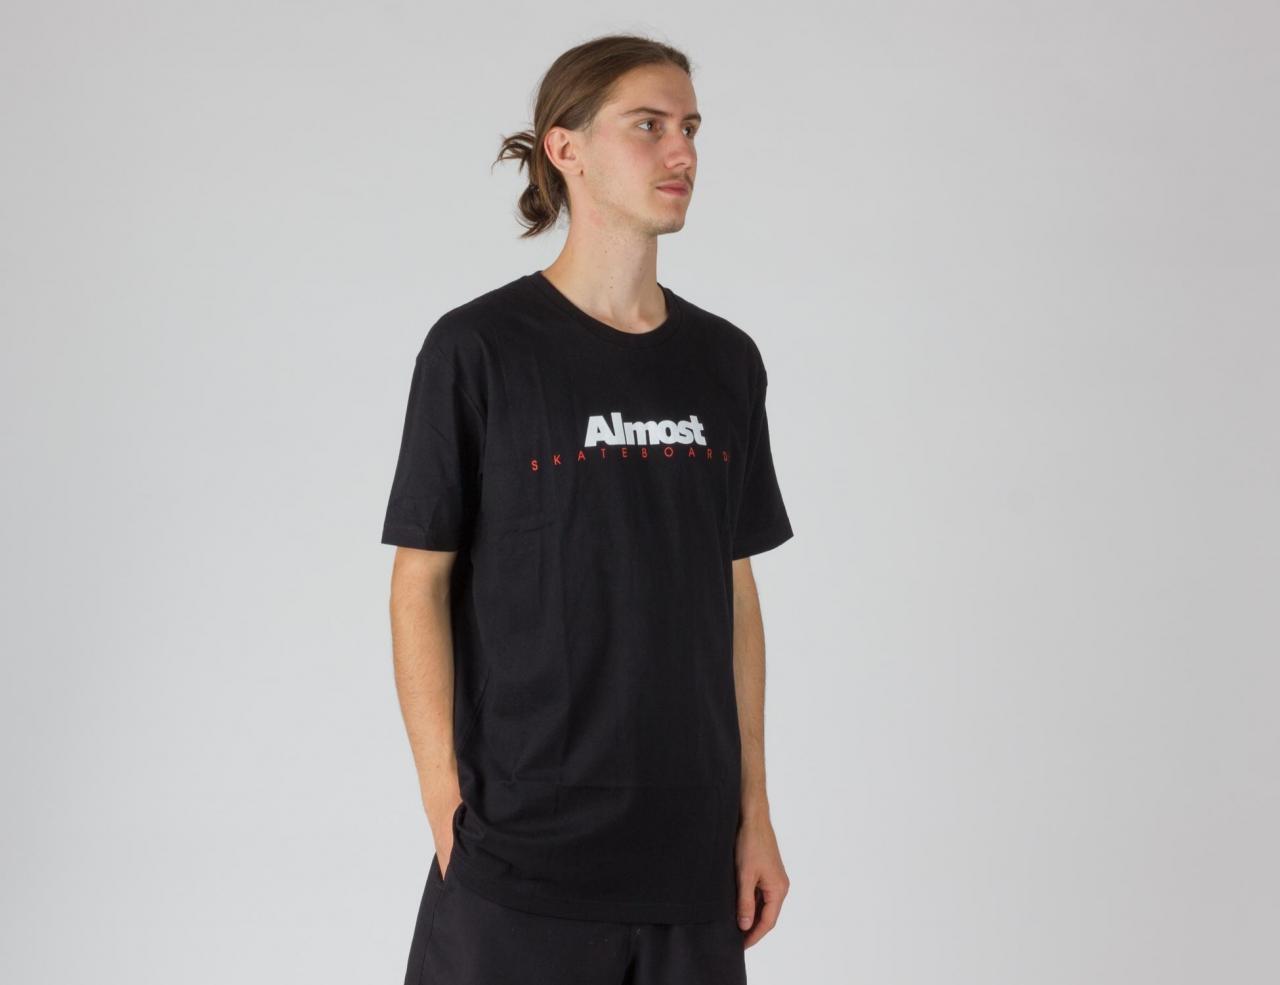 Almost Premium Classic Logo T-Shirt-black